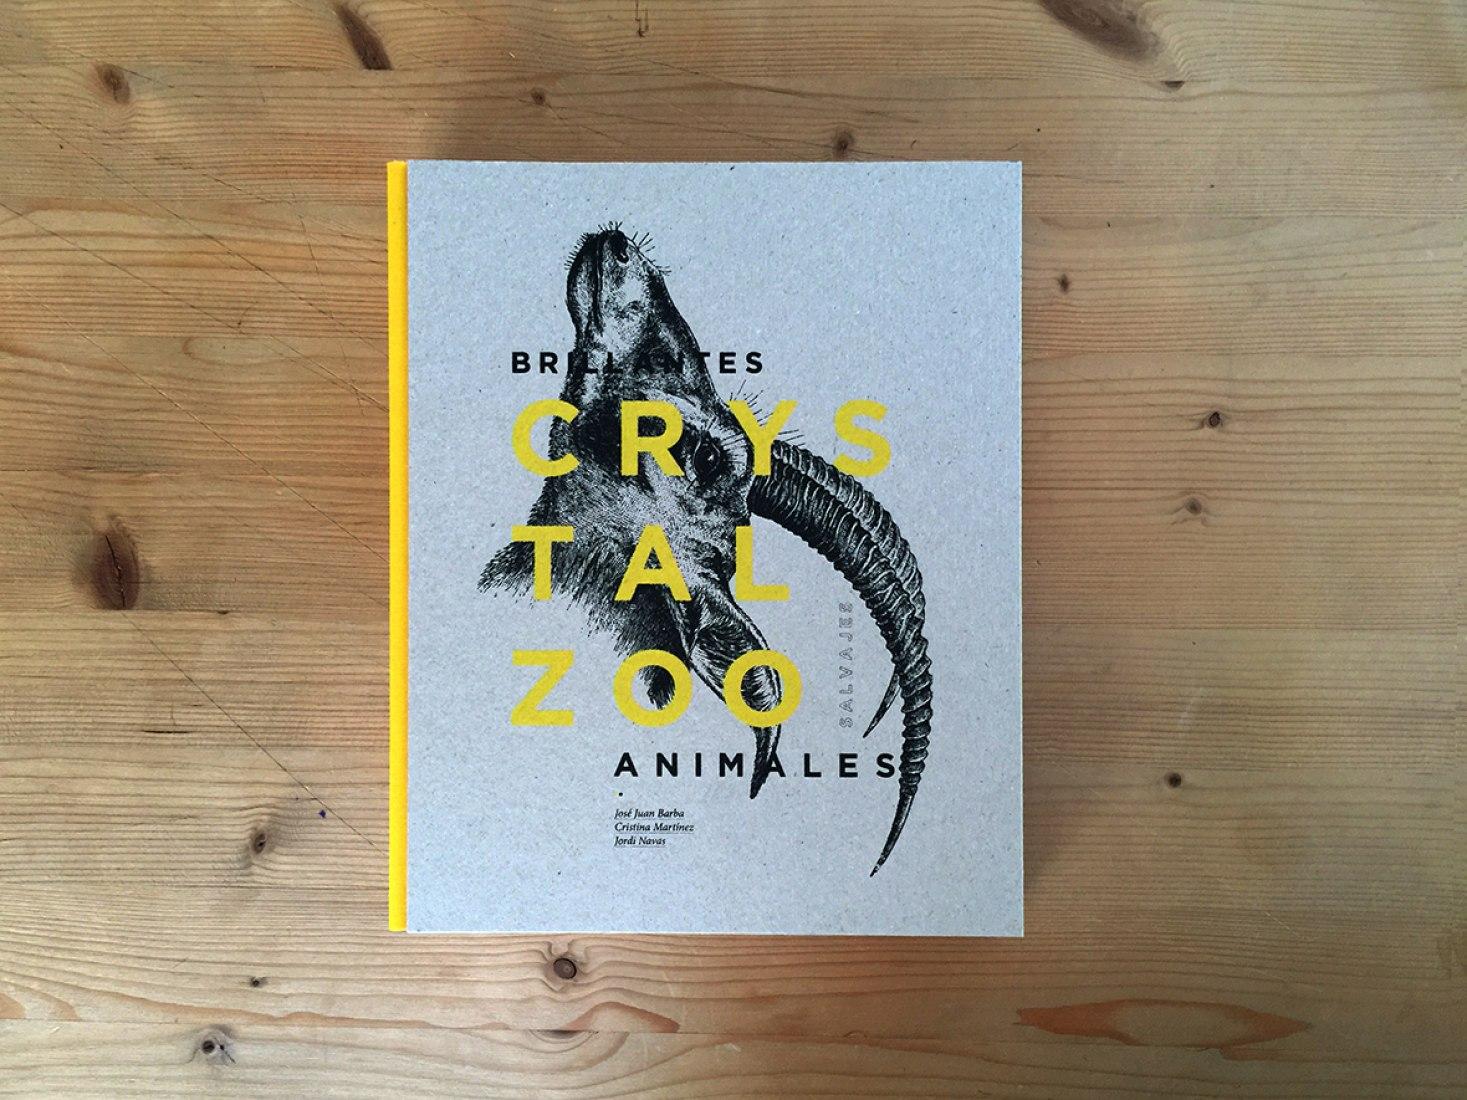 Cover. CrystalZoo. Sparkling Wild Animals by José Juan Barba, Cristina martínez y Jordi Navas. Image courtesy of Rafa Molina Planelles.